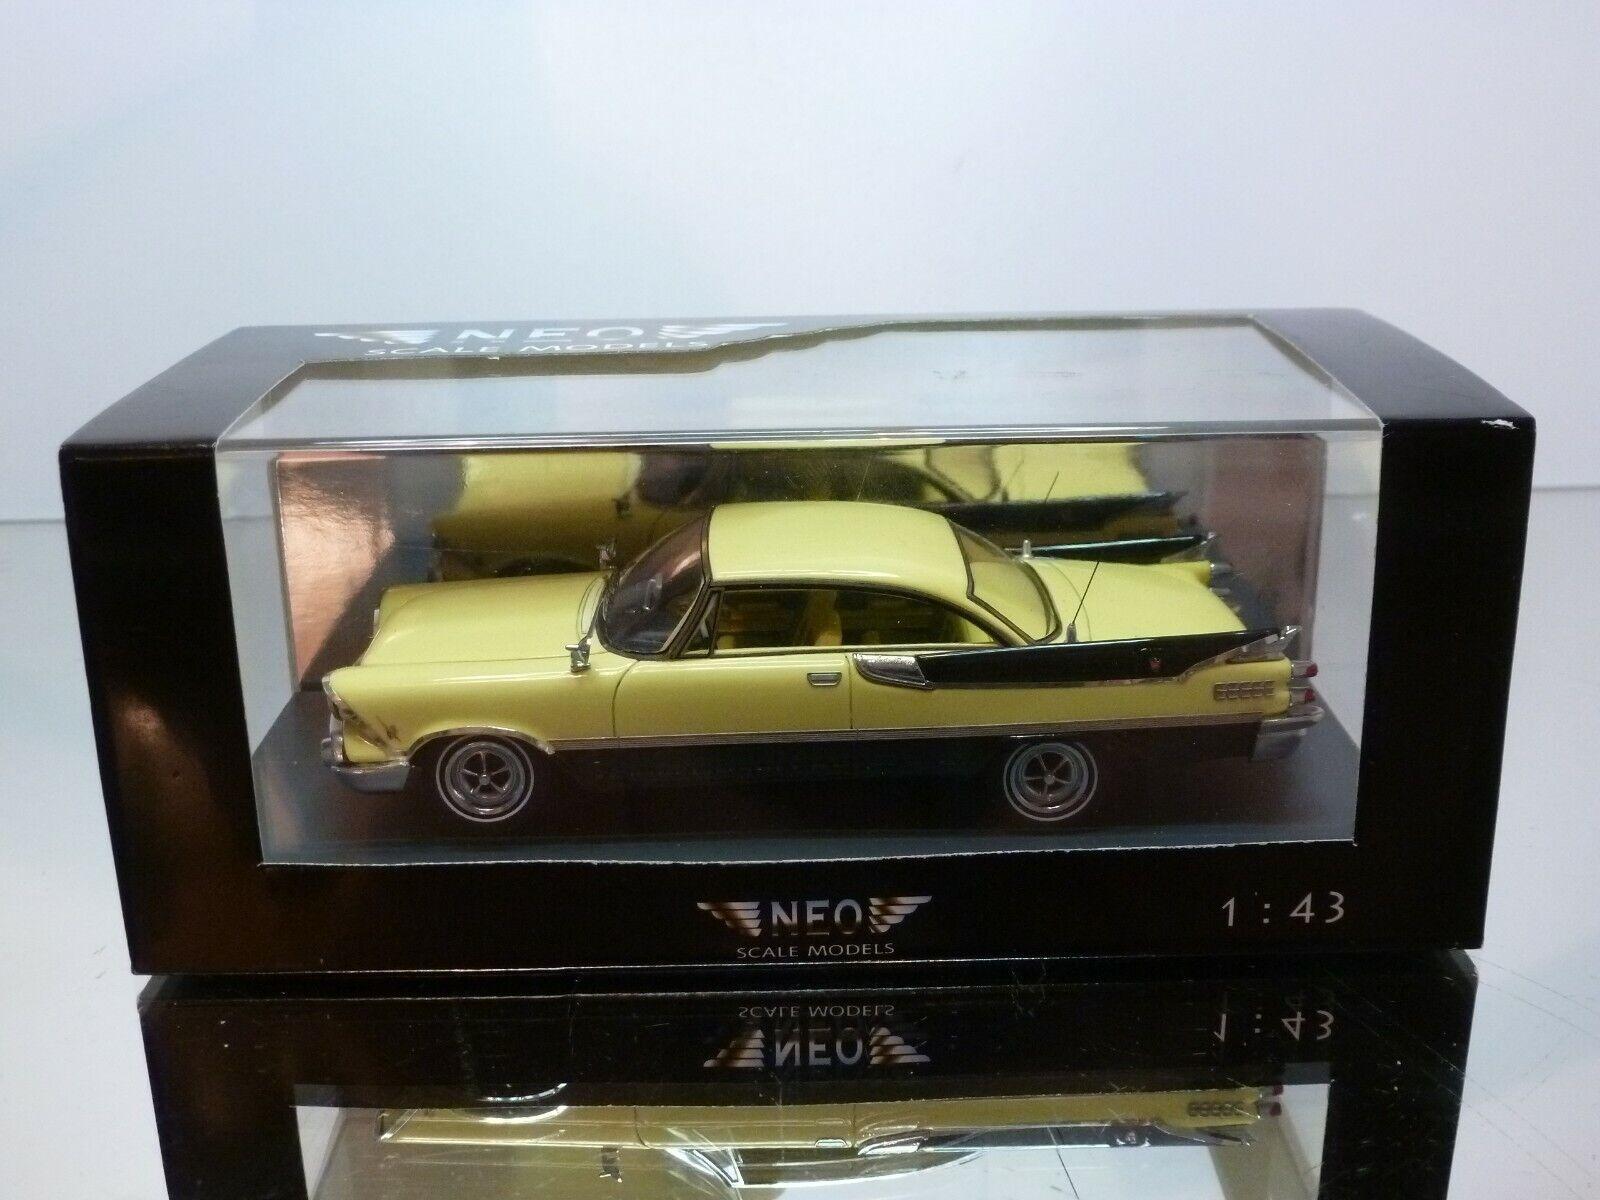 Nuevo  440905 Dodge fabricado a medida medida medida por el Royal Lancer 2 - DR - Amarillo 1  43 - cajas de Cocheamelos de menta 4d5